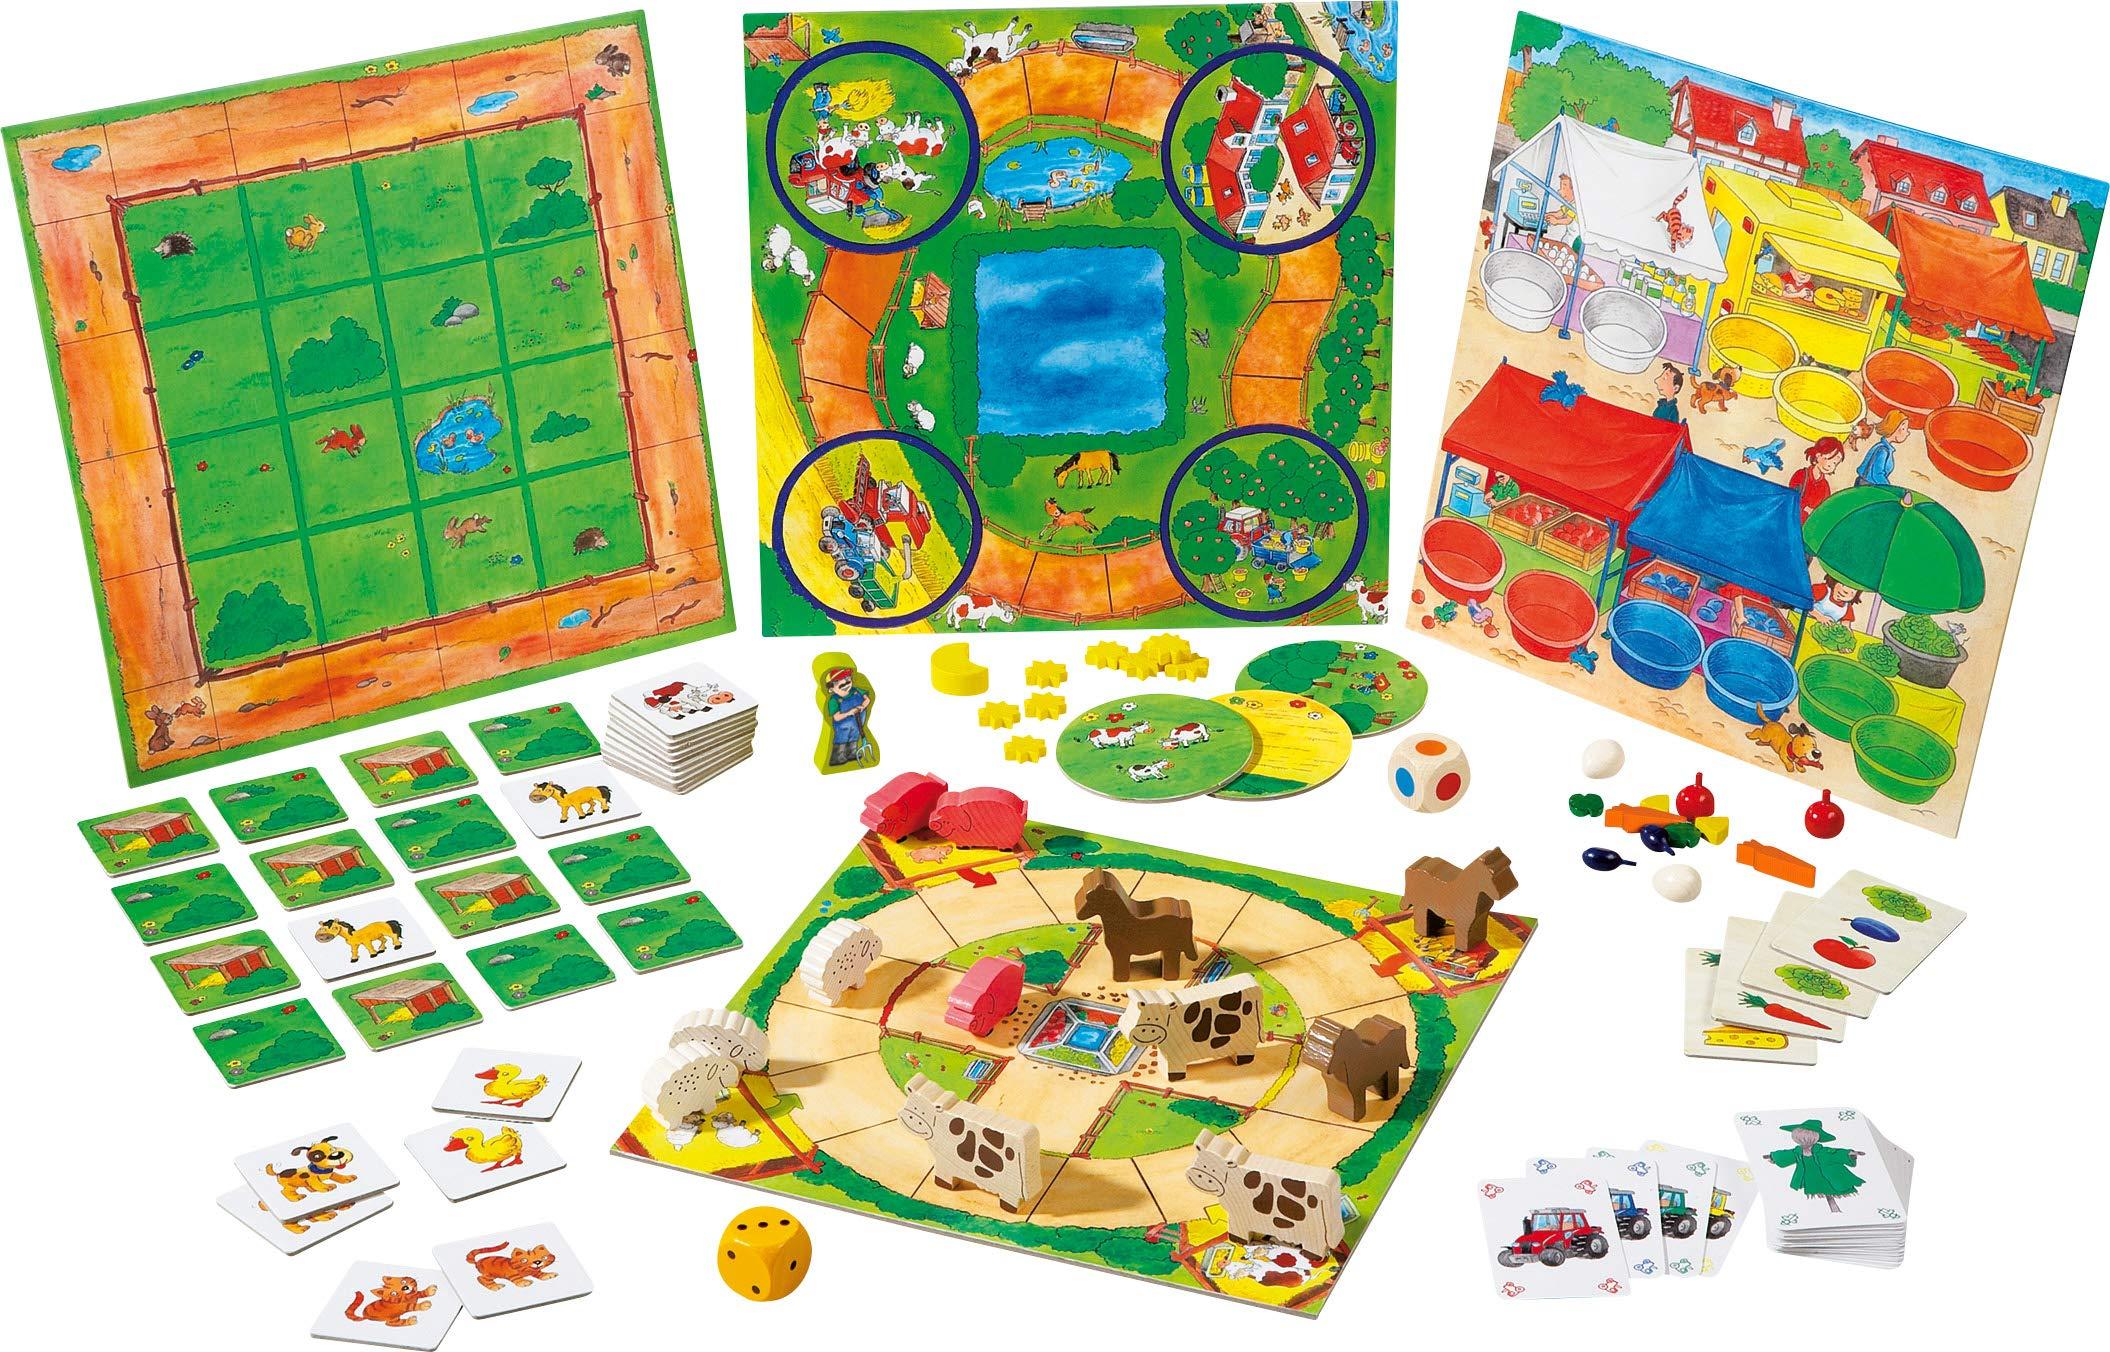 HABA-Mi Primer Tesoro de Juegos (302243): Amazon.es: Juguetes y juegos